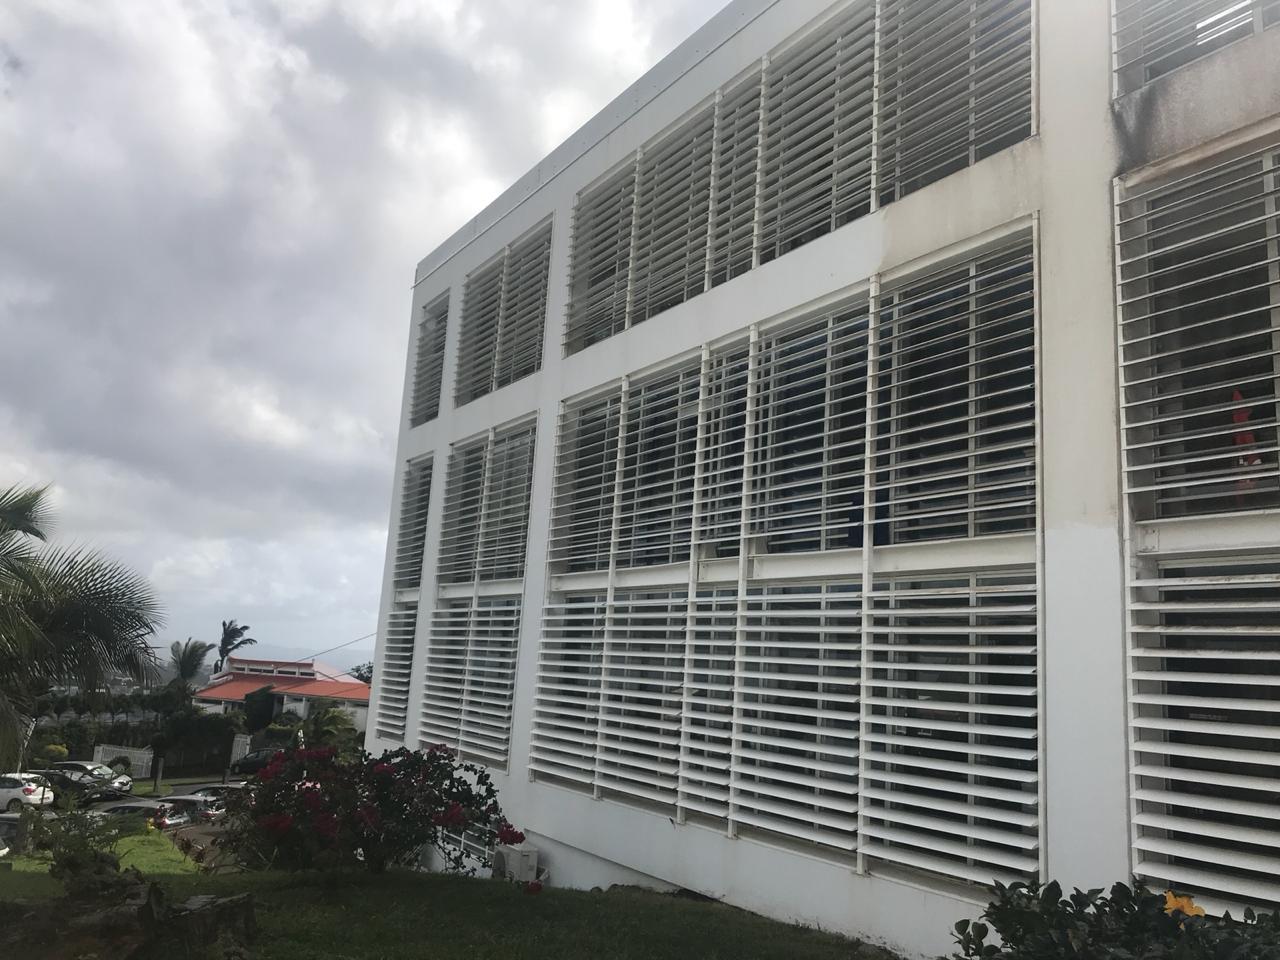 Sous le feu des critiques et des attaques, le Rectorat de Martinique réagit